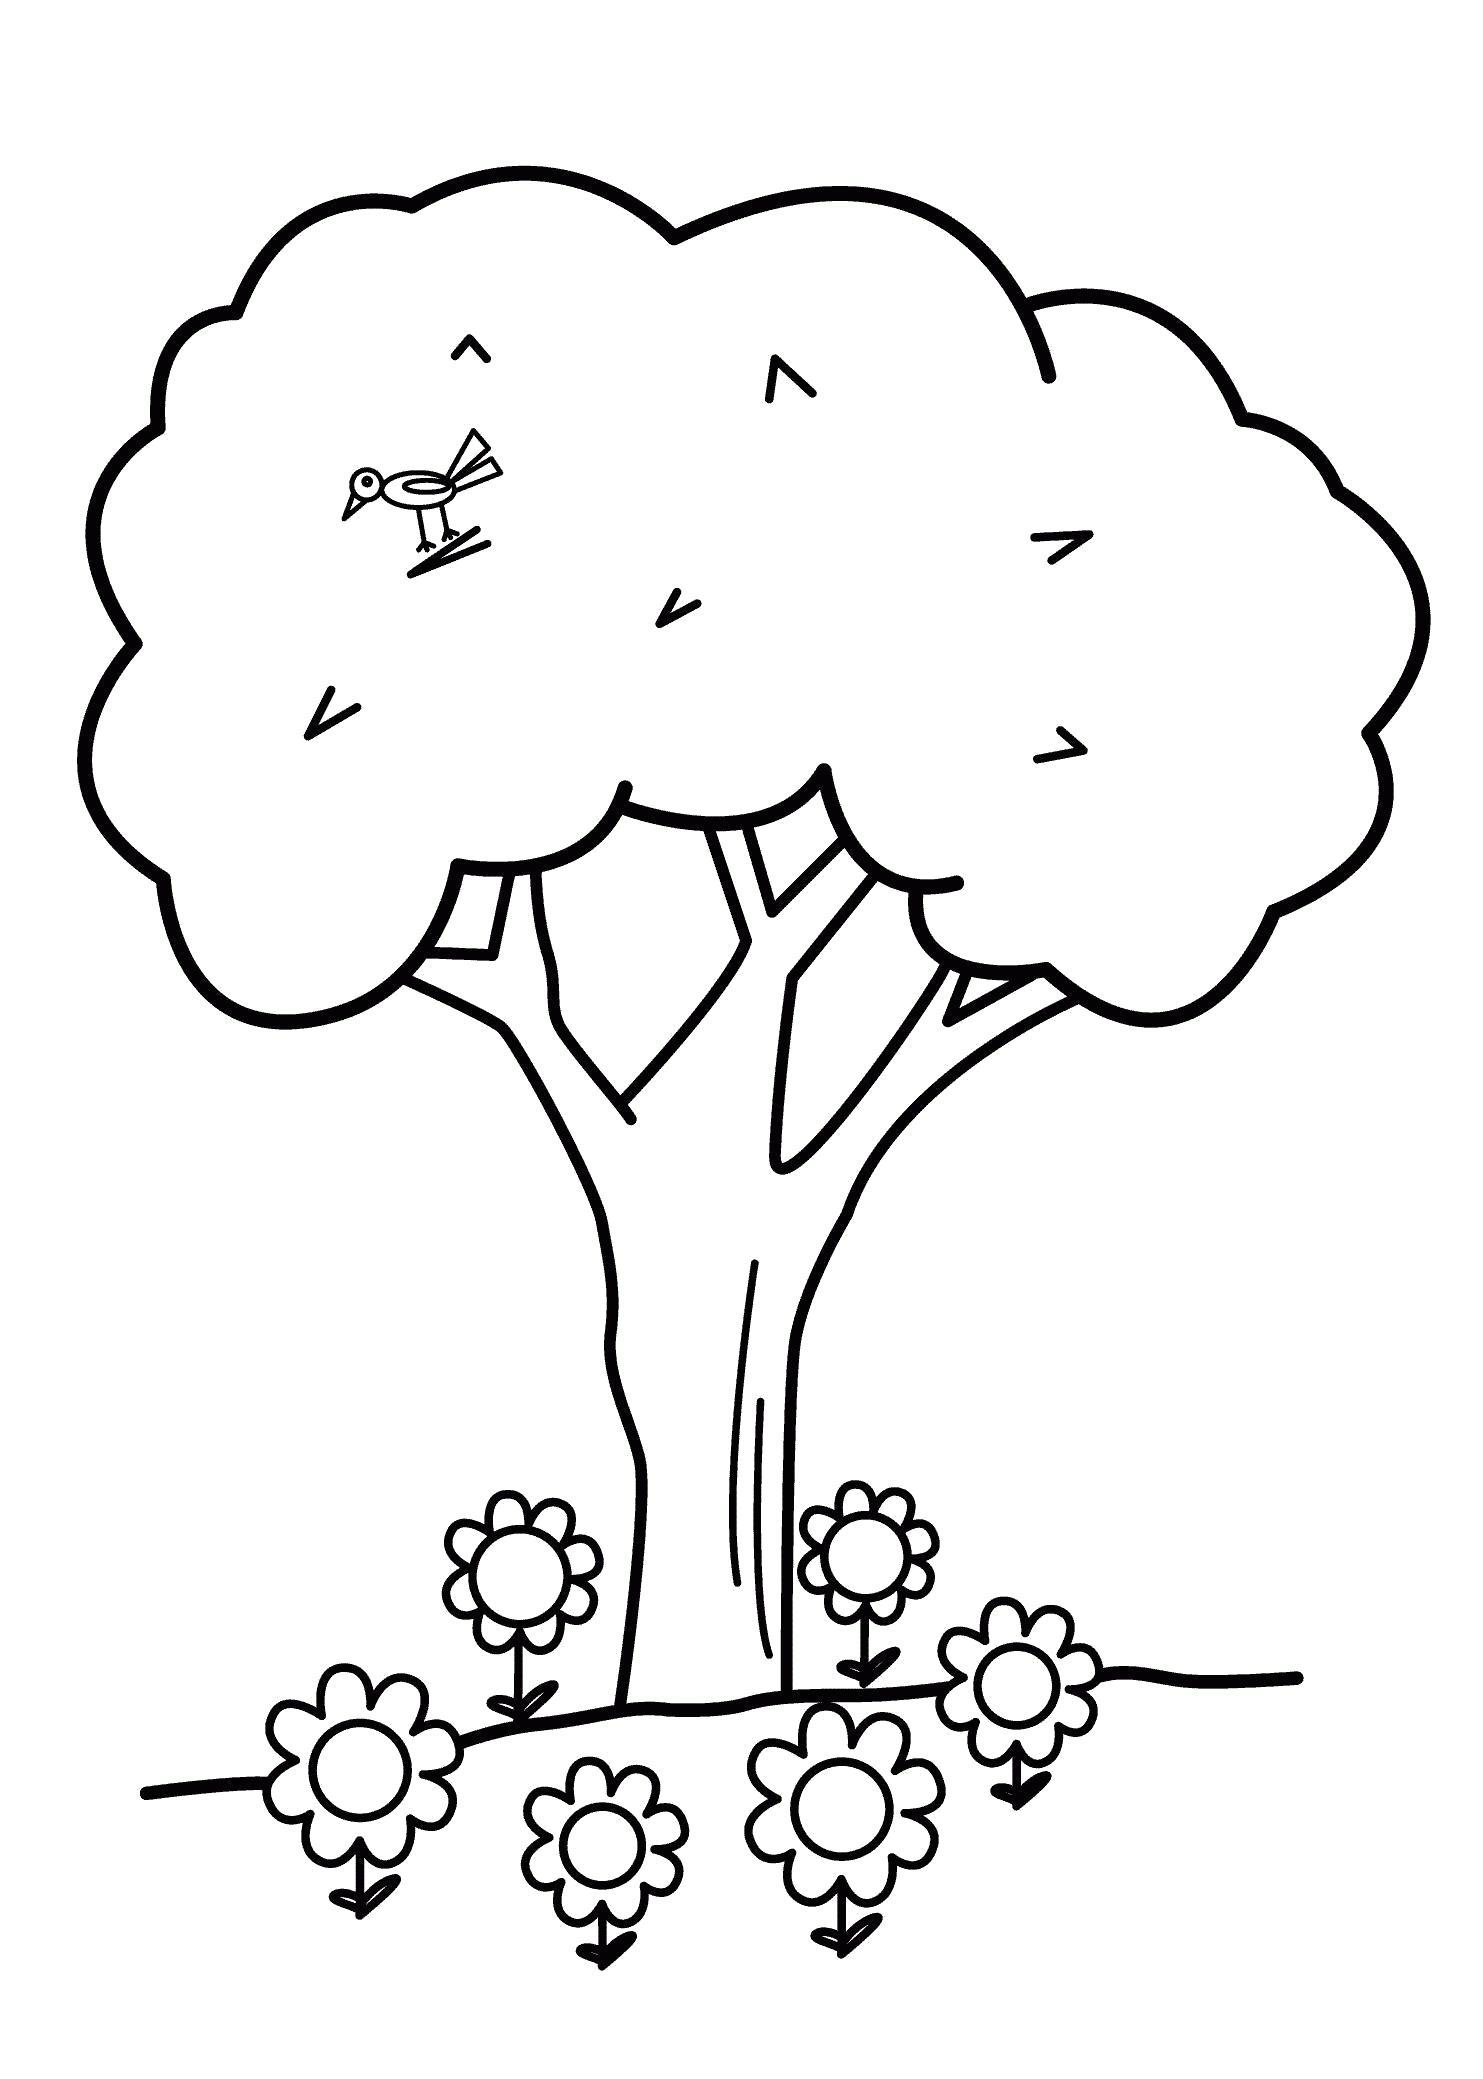 Раскраска Дерево с птичкой. Скачать деревья.  Распечатать деревья